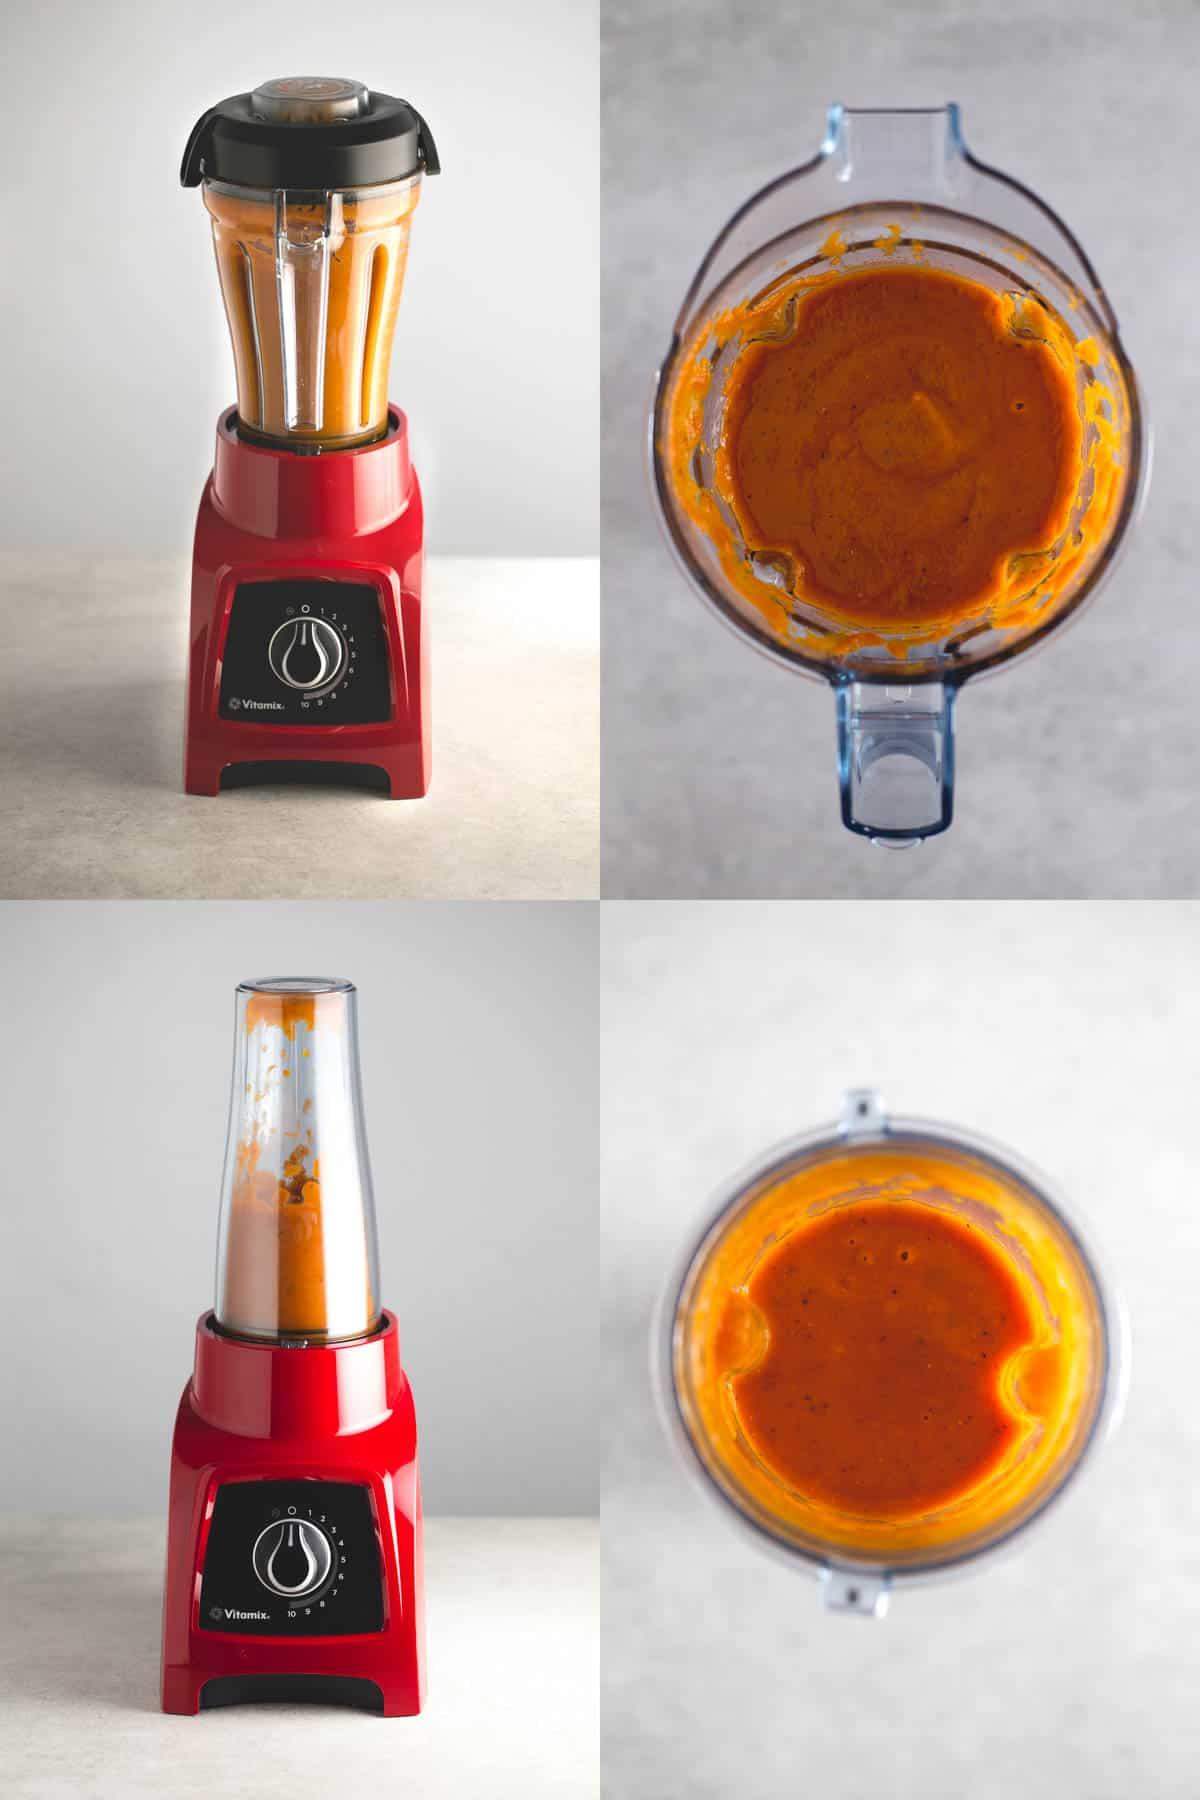 Sopa de tomate y alubias - Esta sopa de tomate y alubias está para chuparse los dedos, es muy reconfortante y se prepara en menos de 30 minutos. ¡Merece la pena probarla!